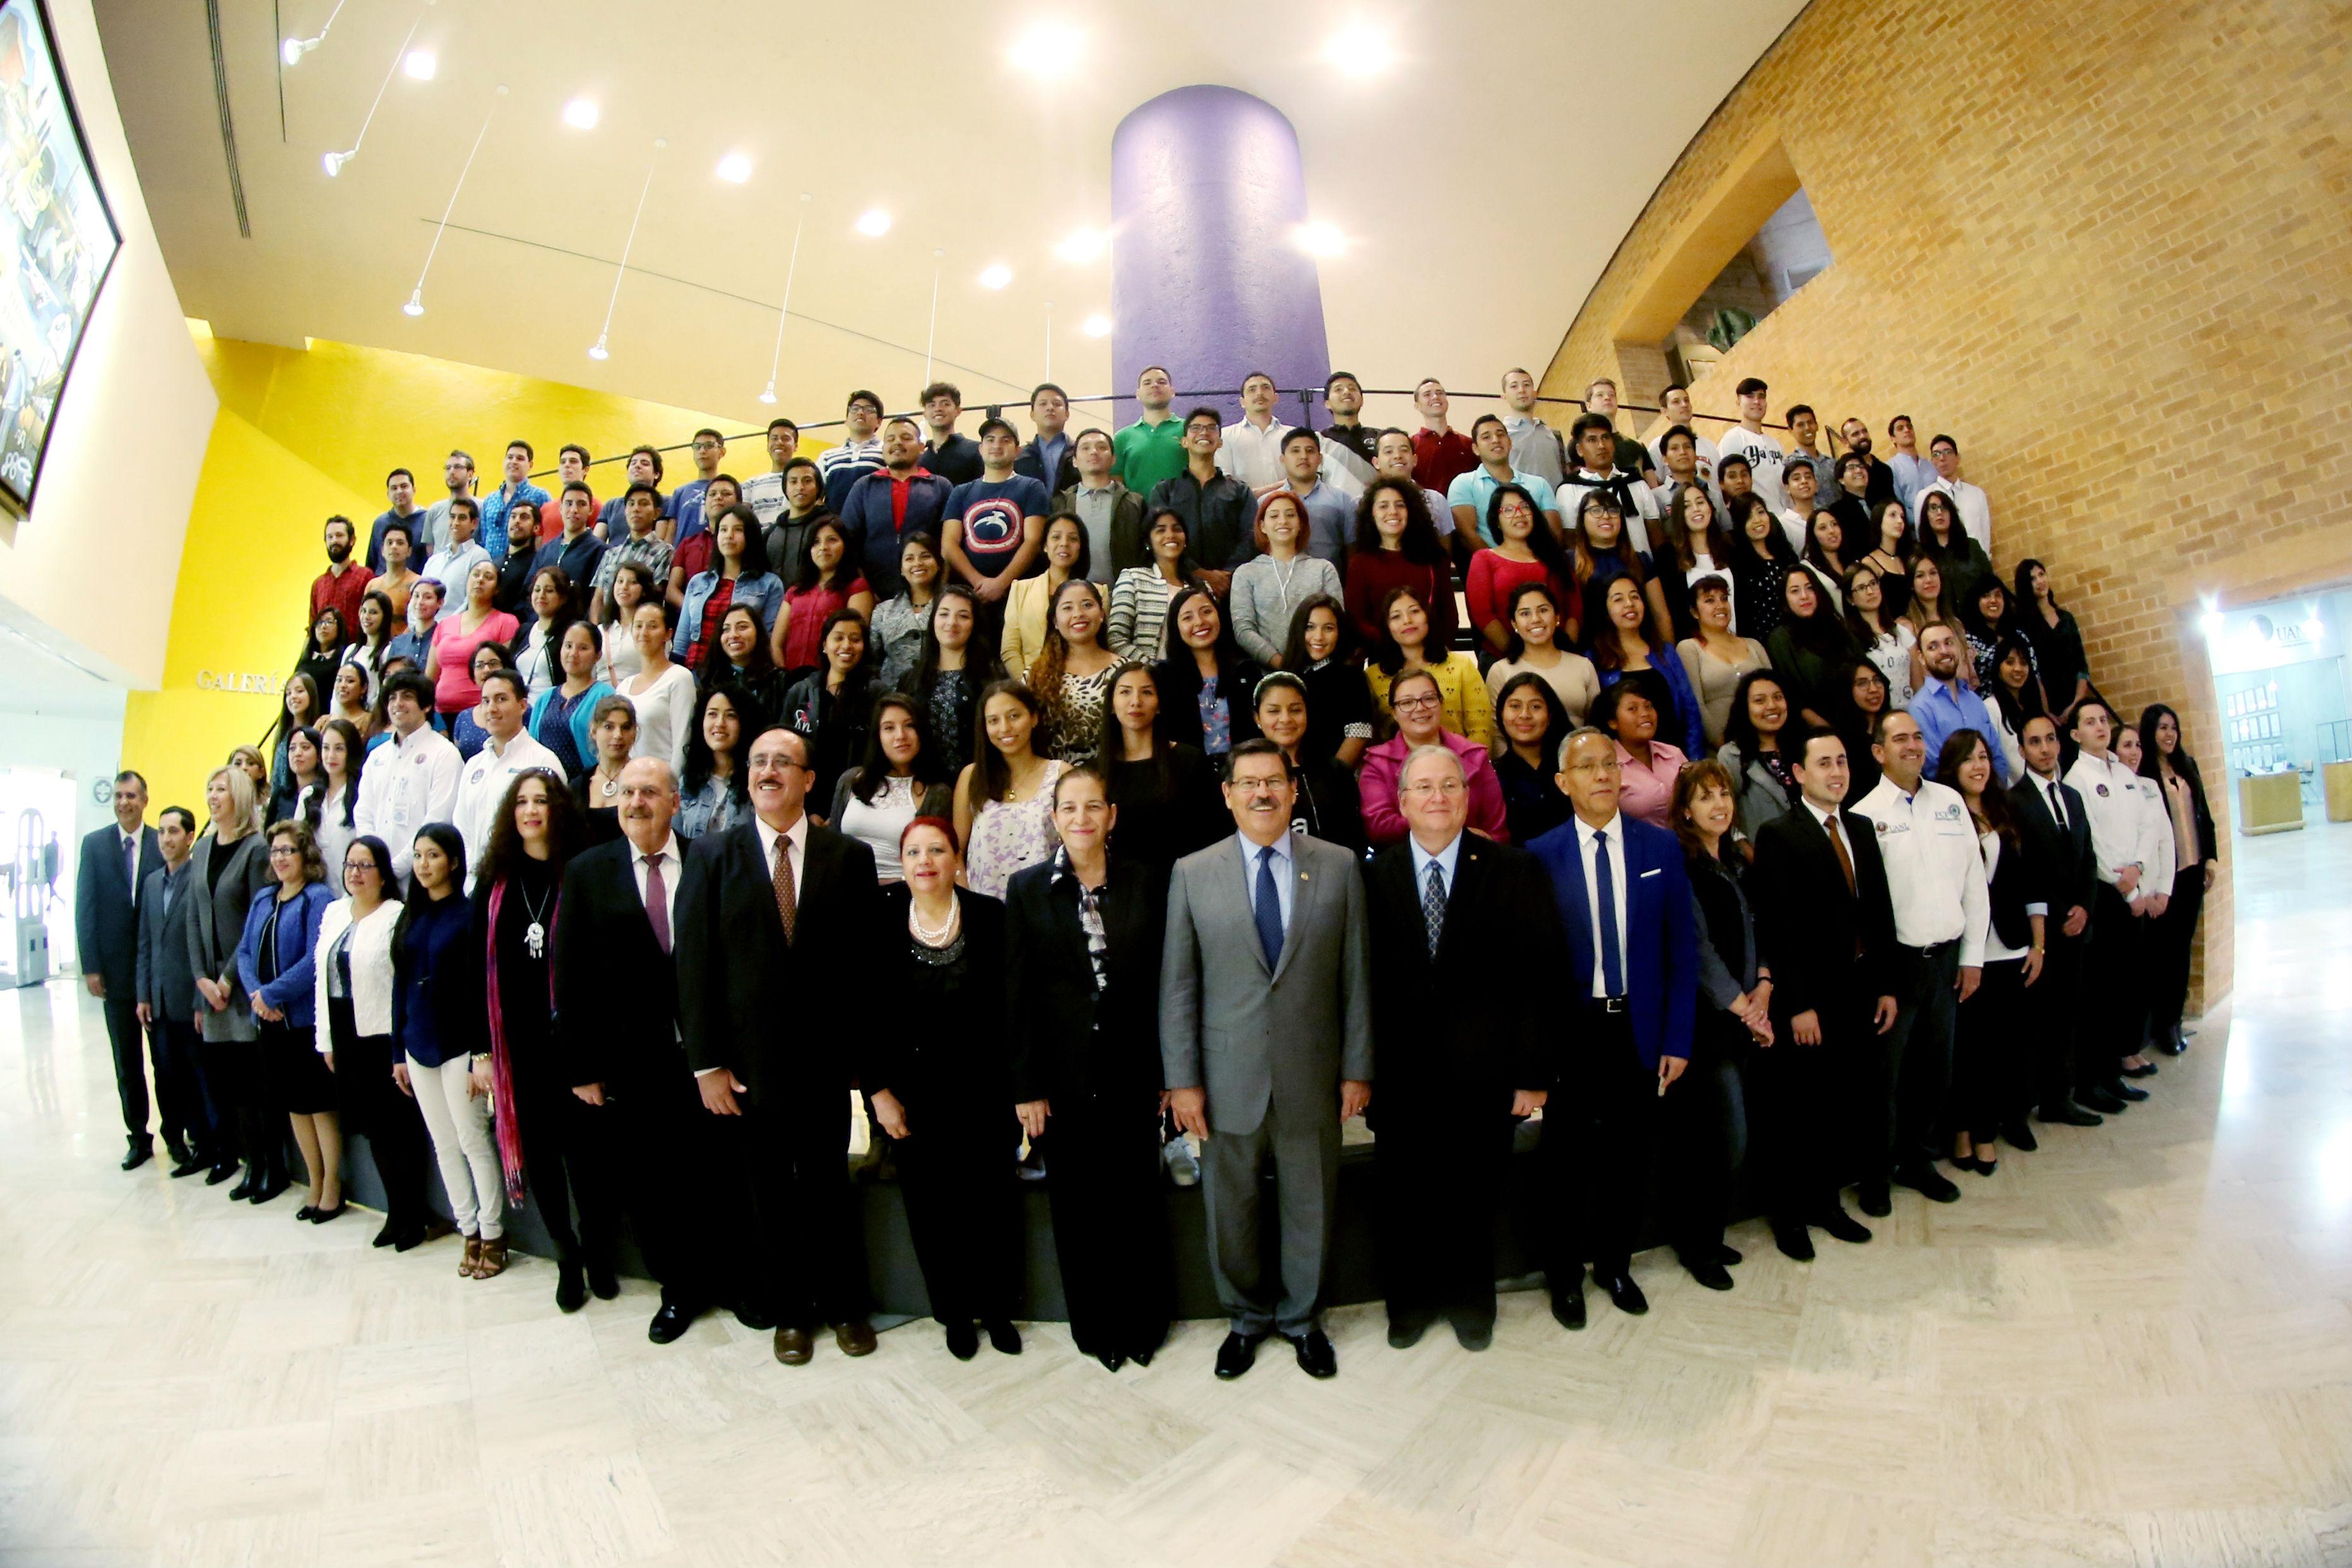 ¡Bienvenidos estudiantes de intercambio académico!